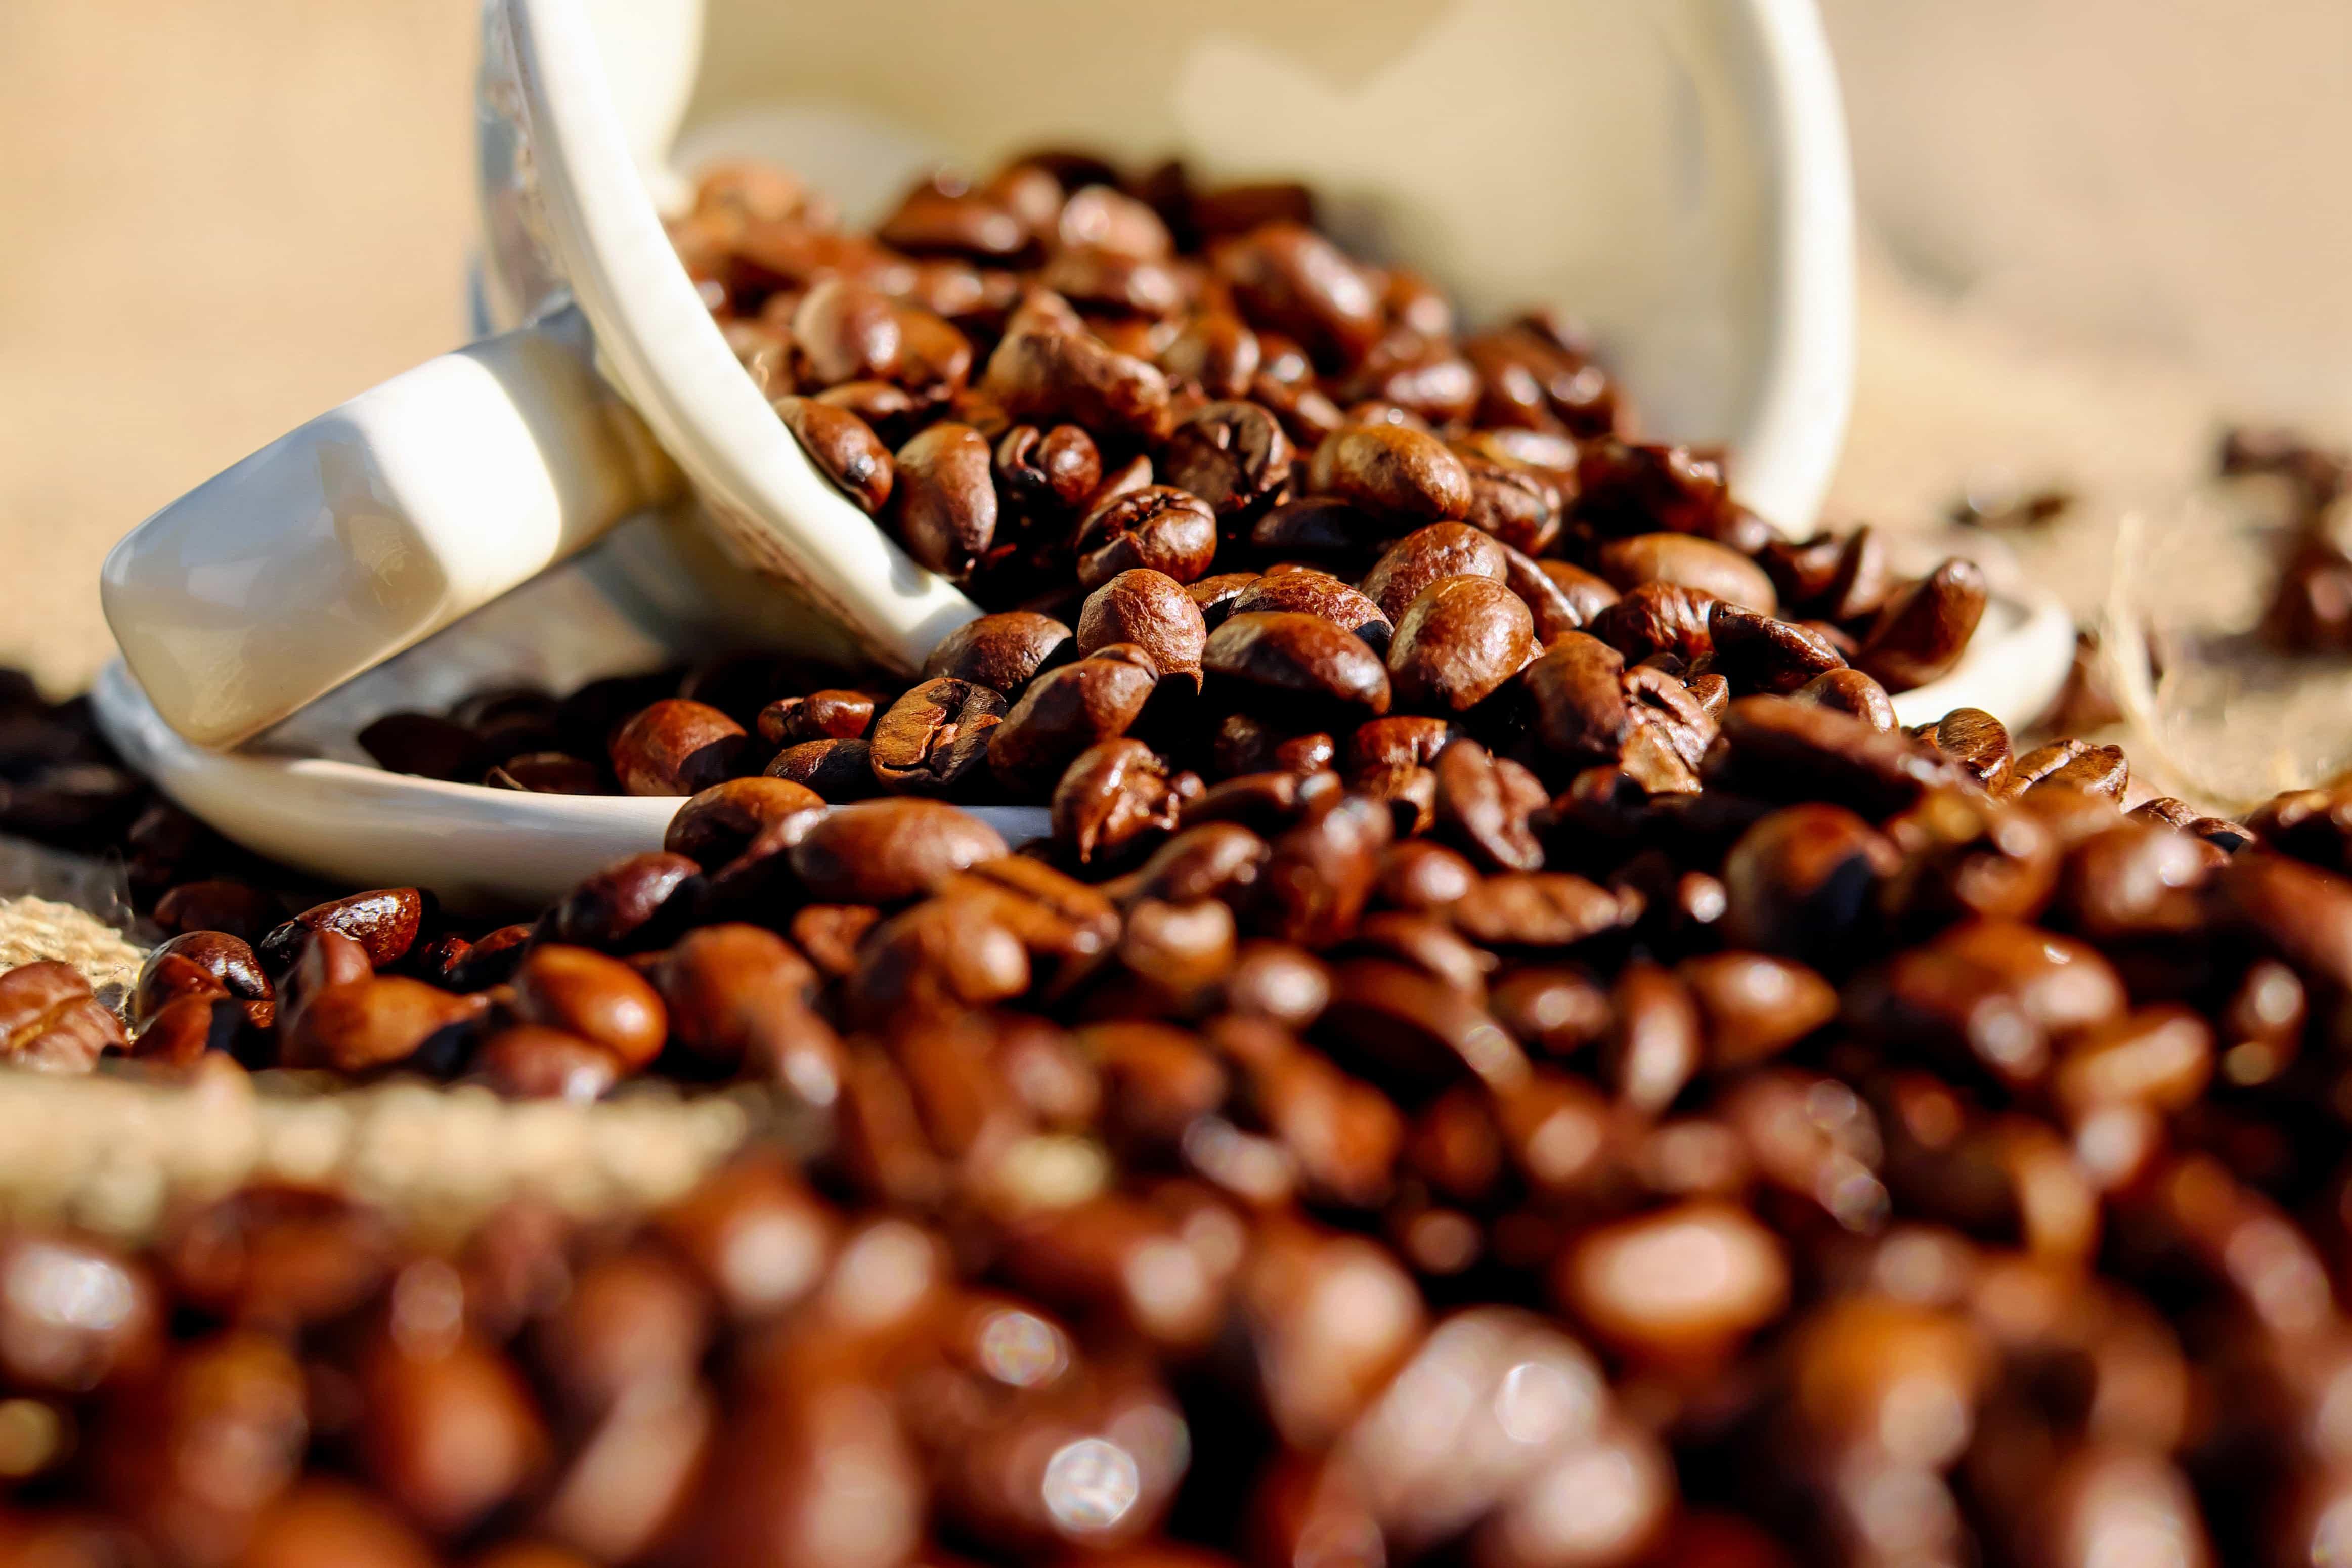 Kostenlose Bild: Bohne, Kaffee, Lebensmittel, Getränke, Koffein ...